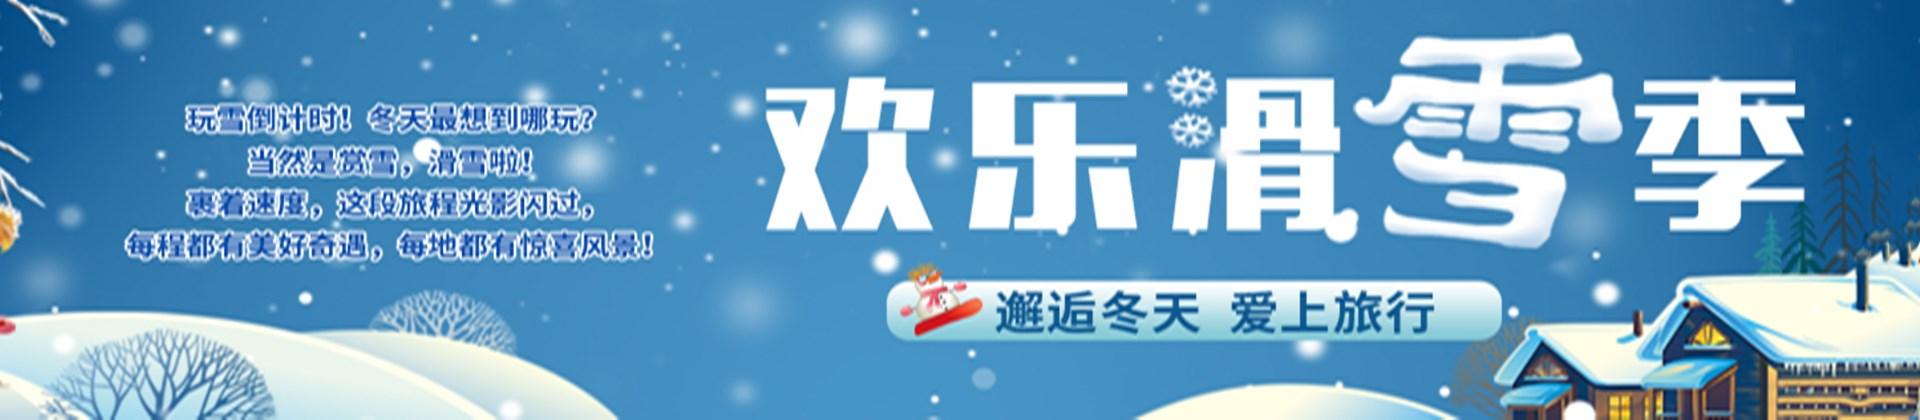 合肥中青旅安徽省内滑雪旅游线路